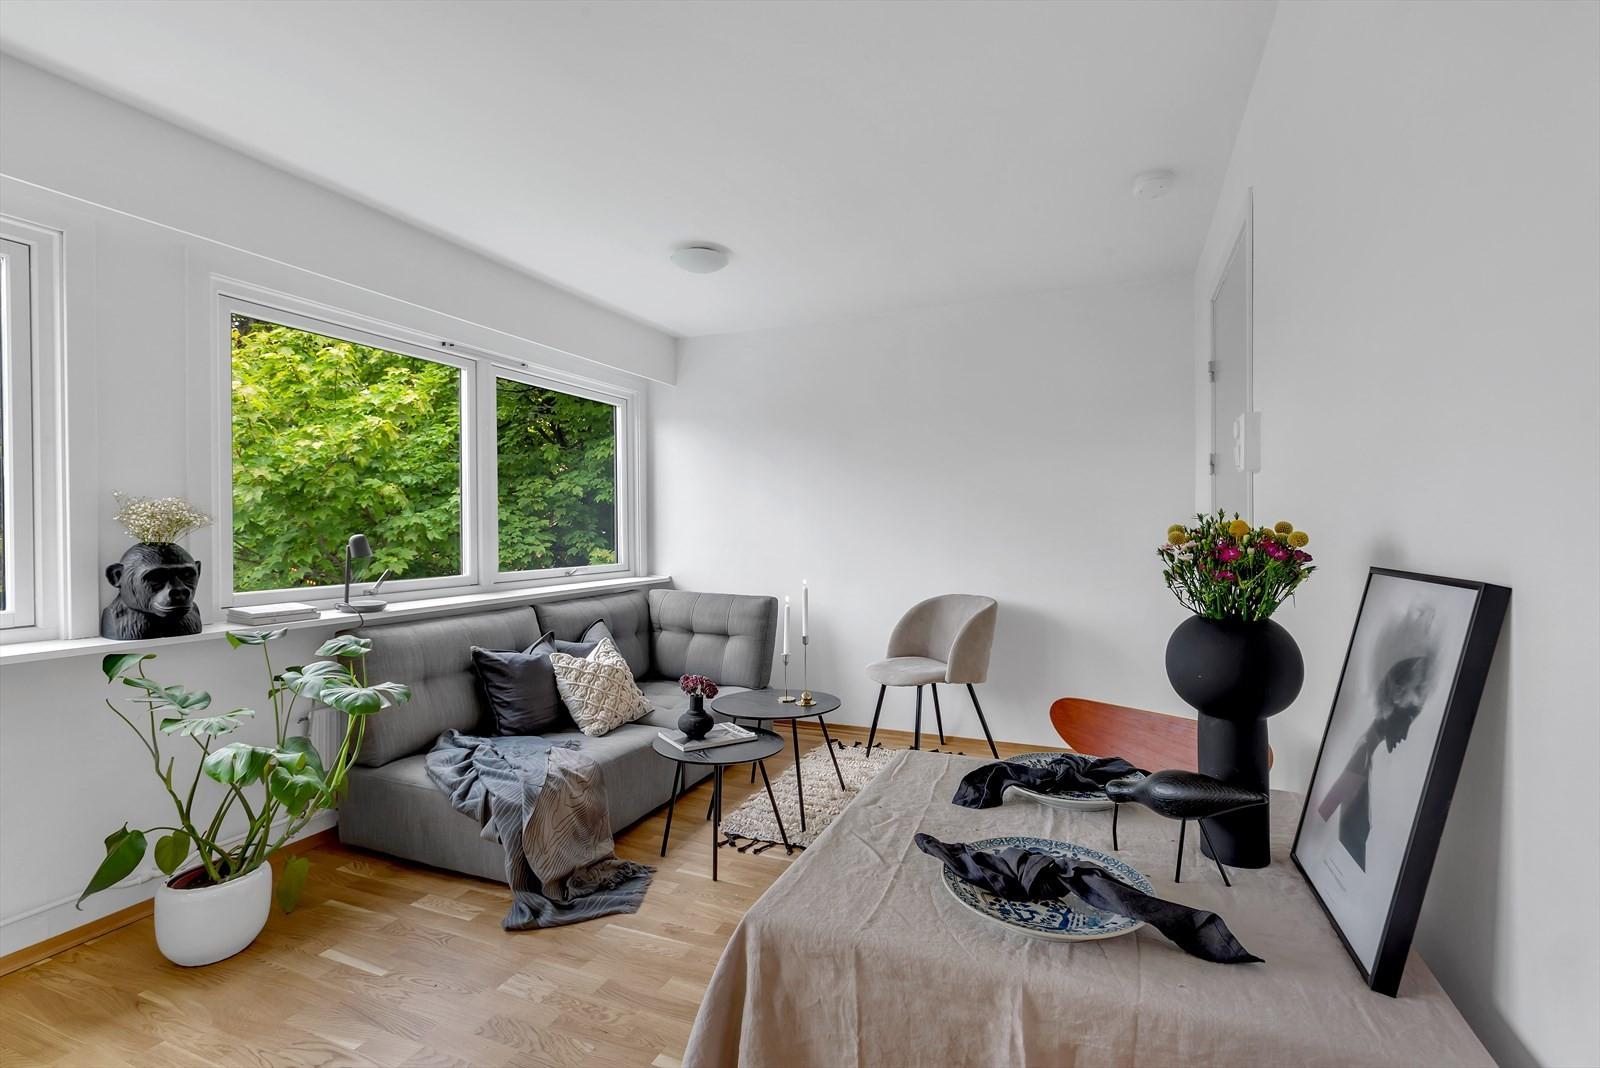 Parkgata 14 er en snedig studioleilighet med god beliggenhet i øvre sentrum